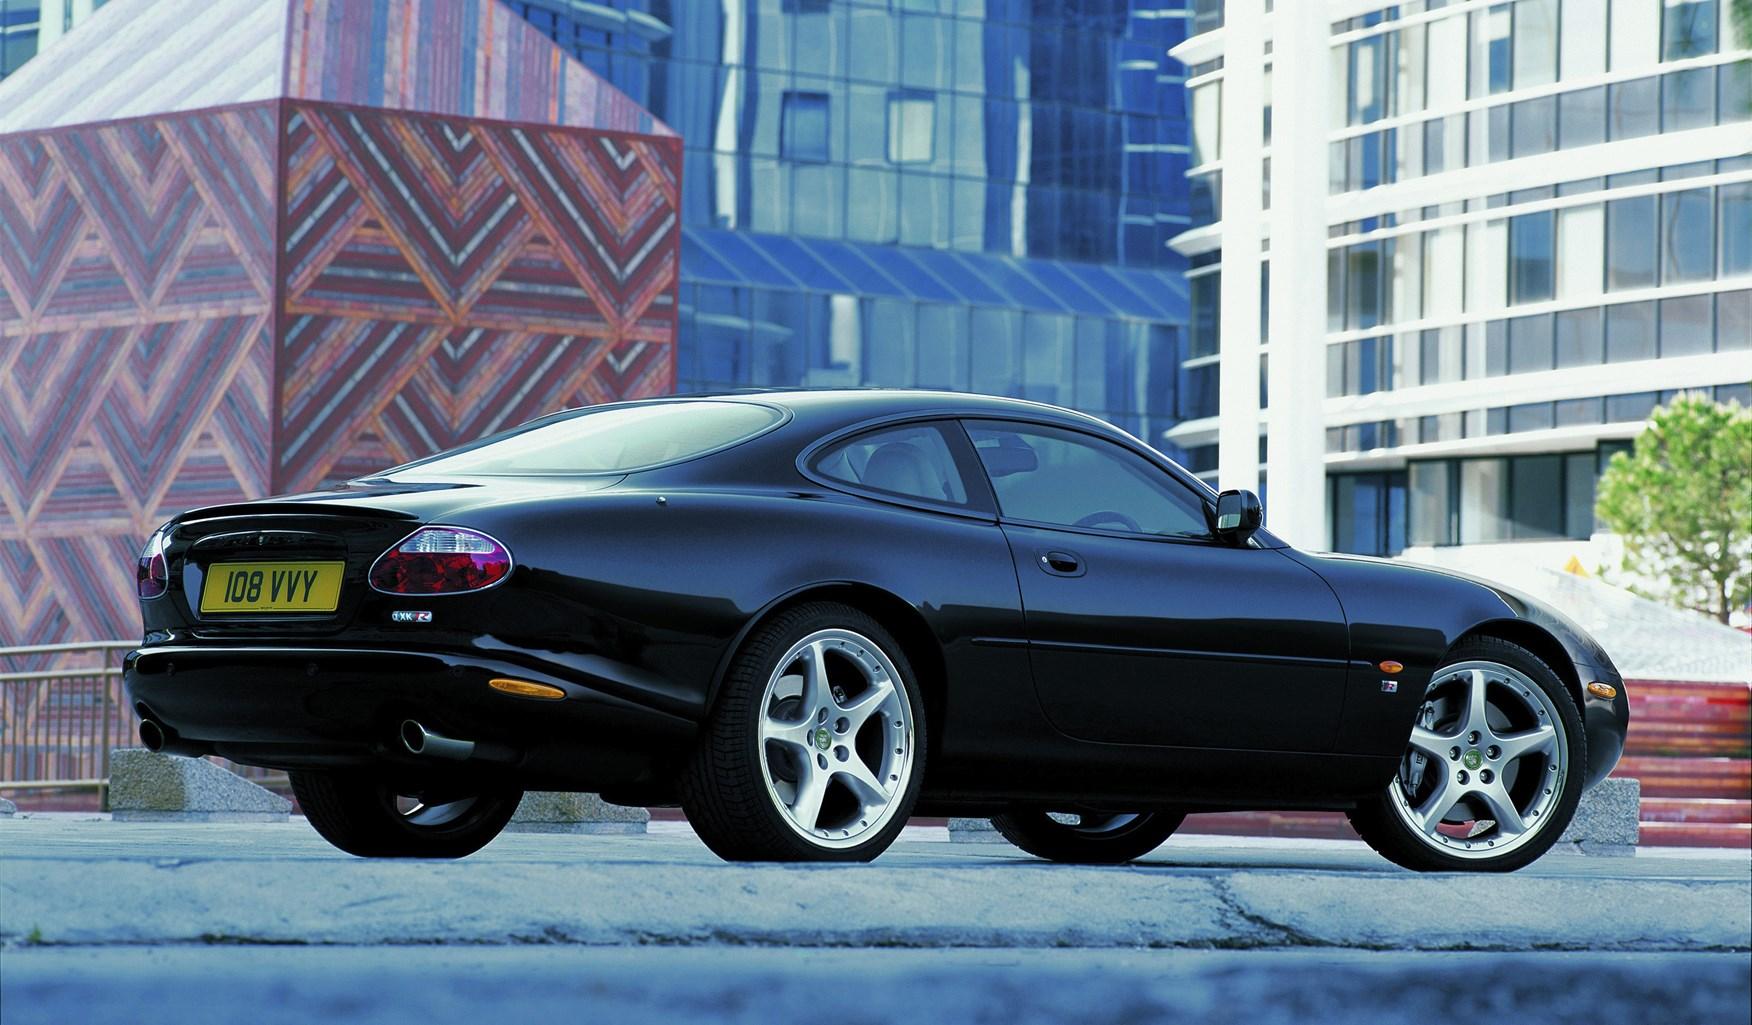 jaguar xk8 coup review 1996 2005 parkers. Black Bedroom Furniture Sets. Home Design Ideas